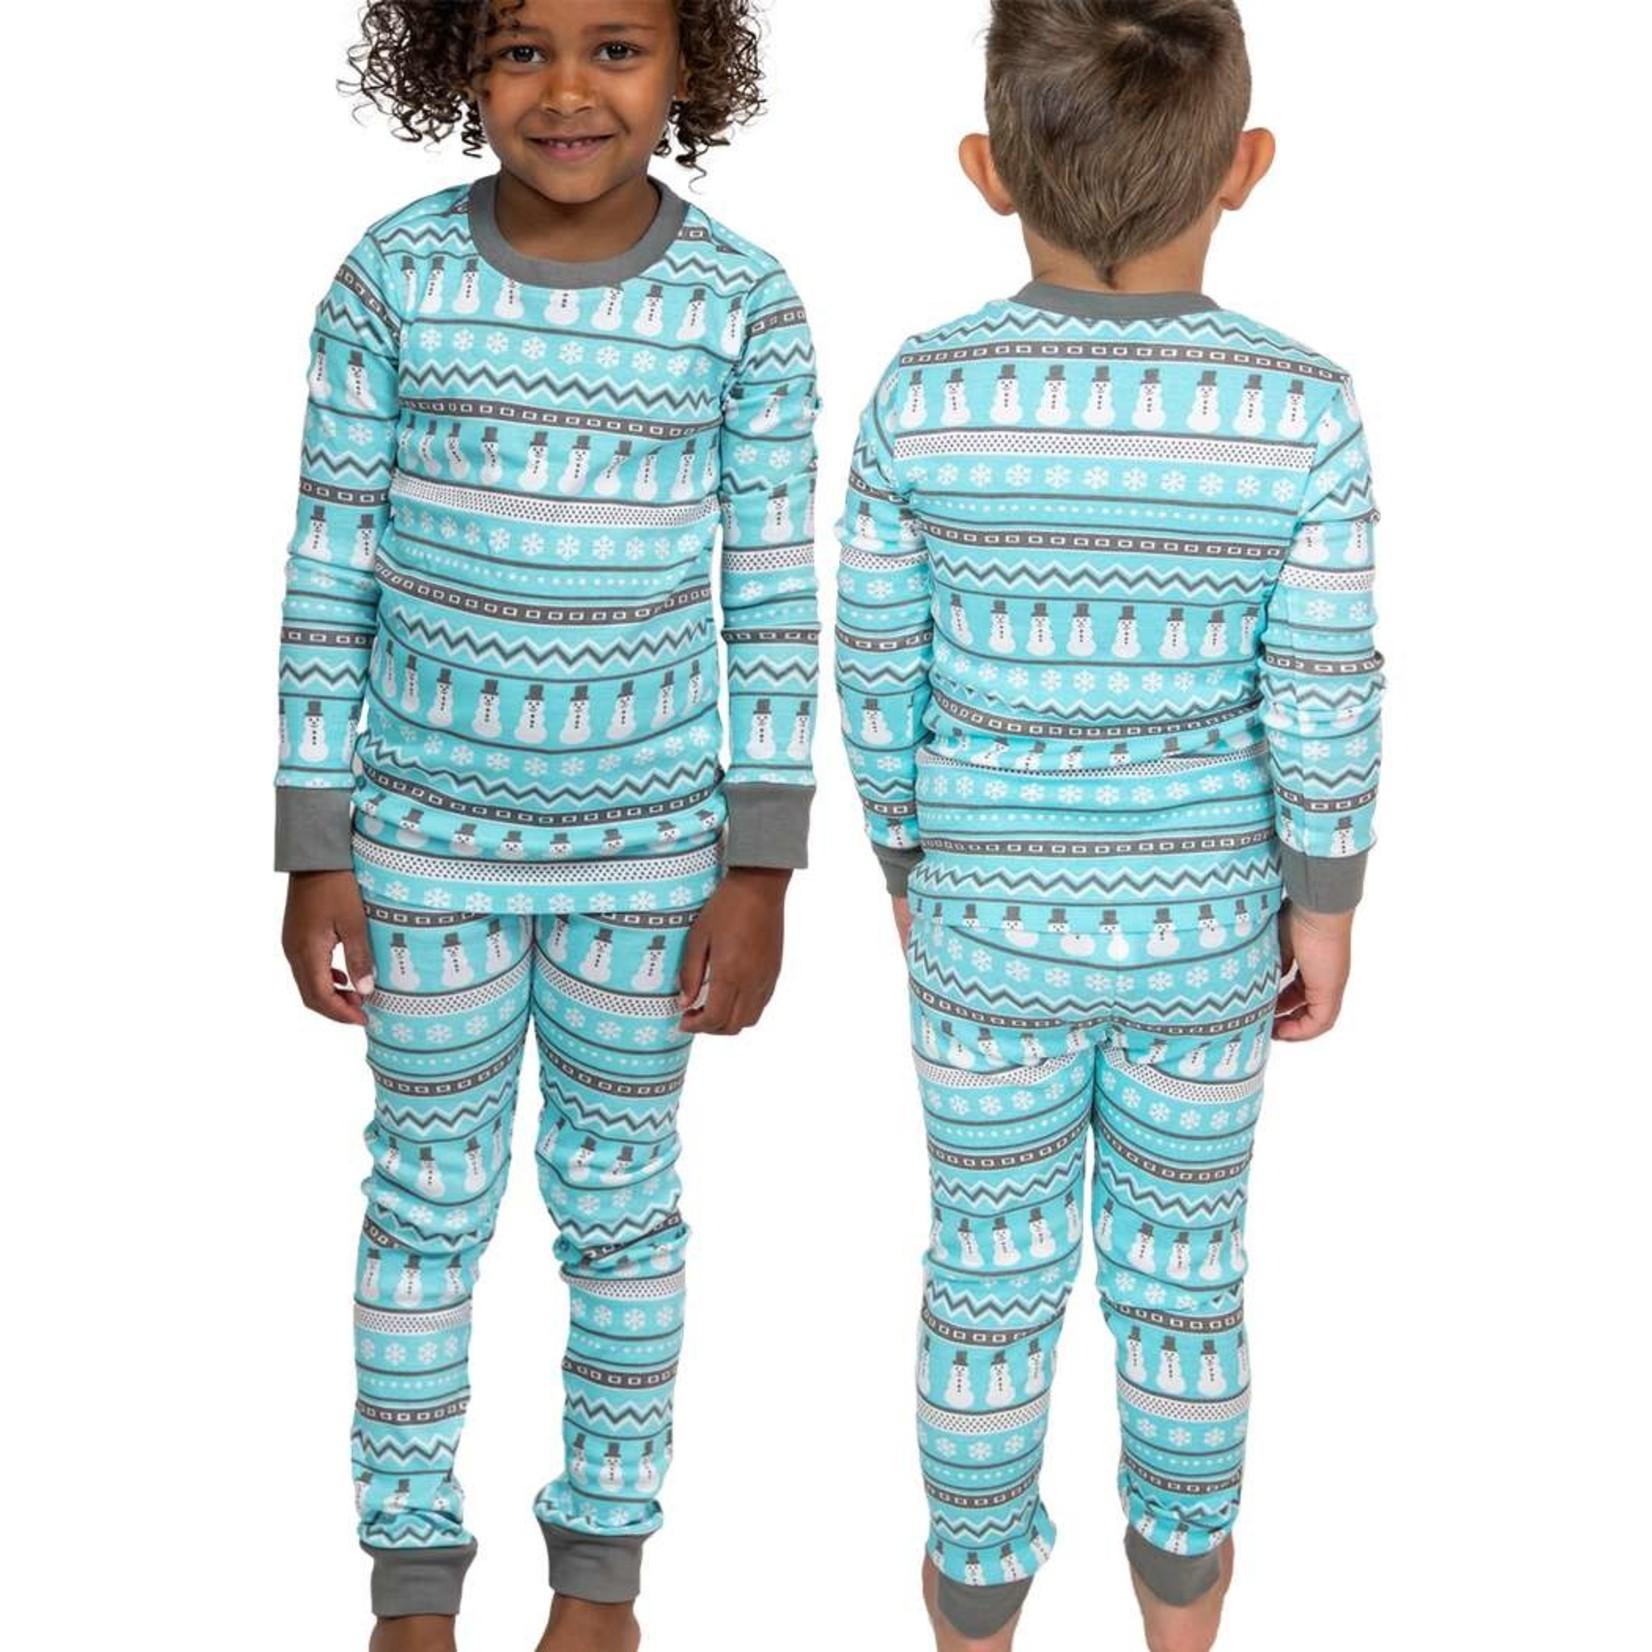 Lazy One Kids two pc PJ Set - Nordic Snowman